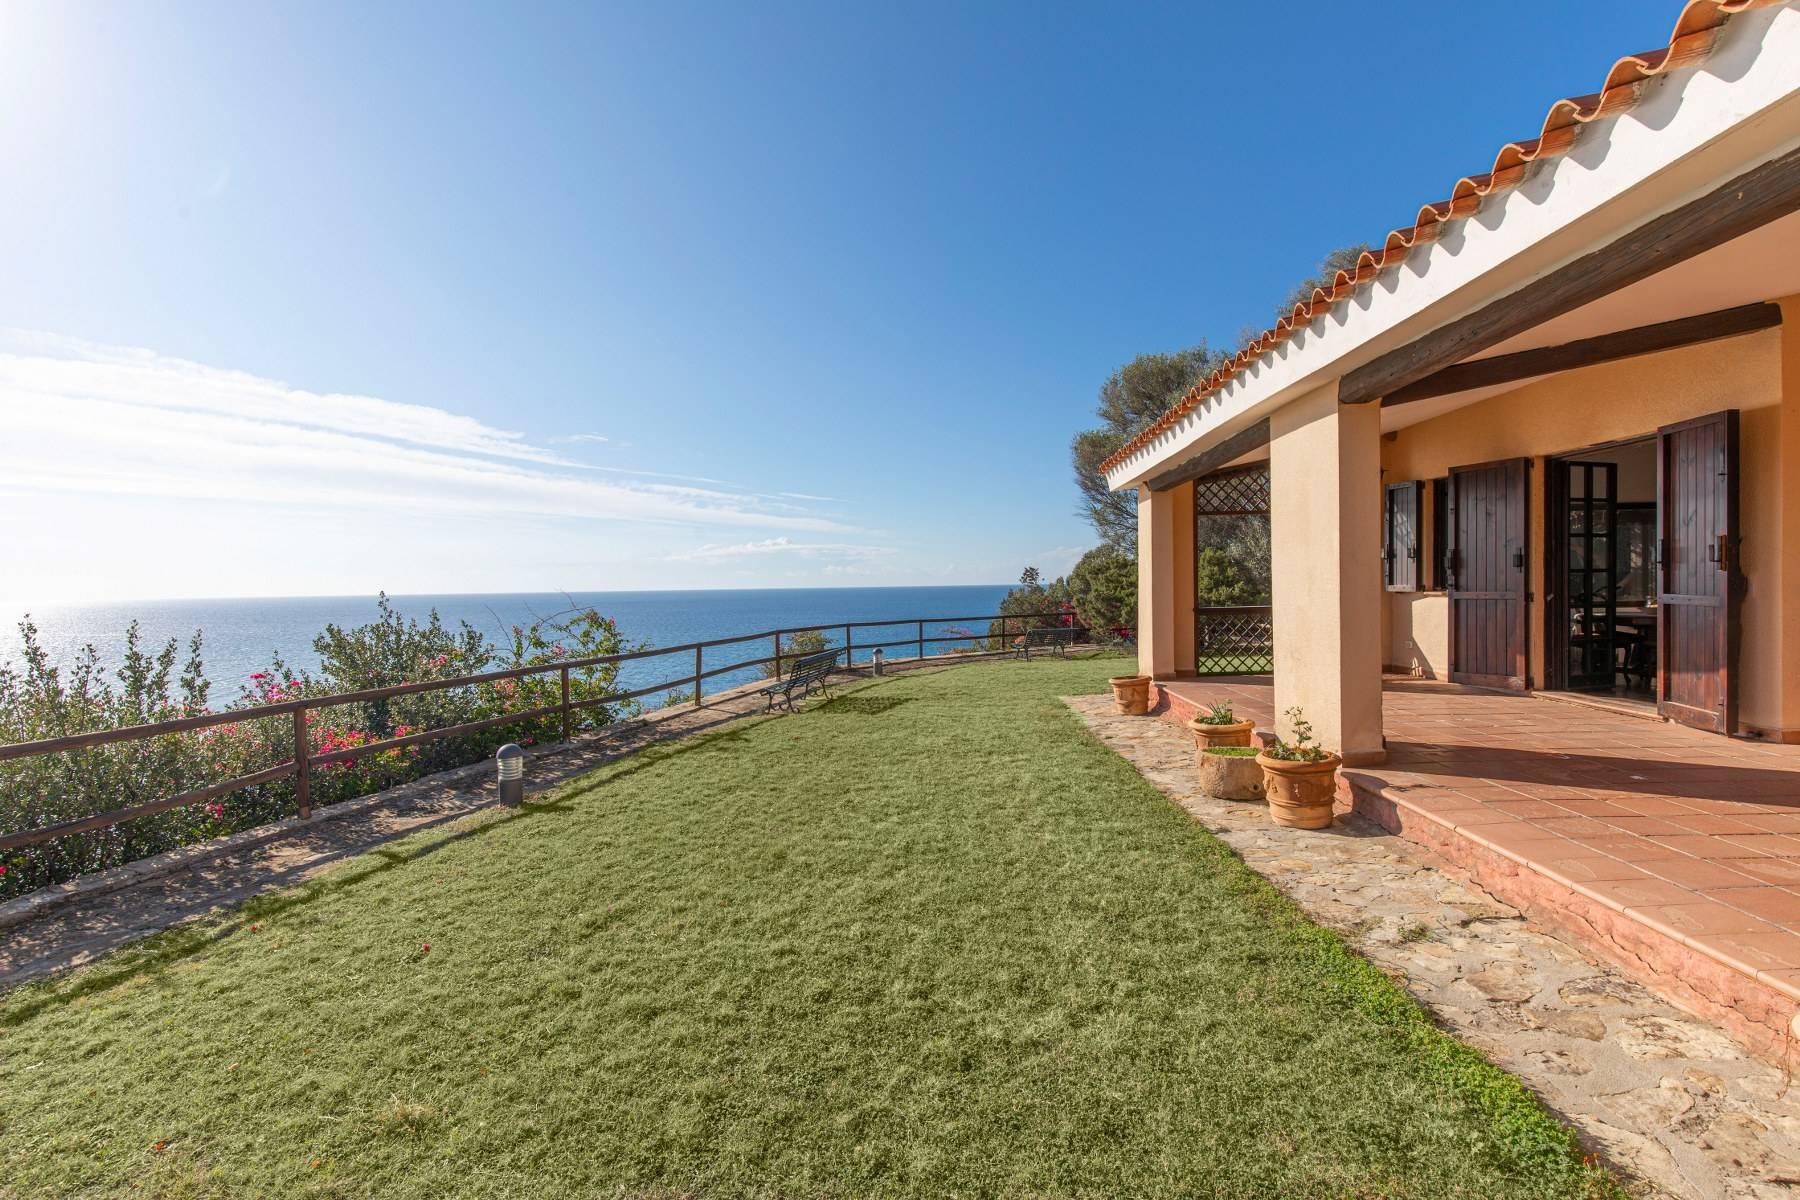 Villa in Vendita a Quartu Sant'Elena: 5 locali, 650 mq - Foto 16